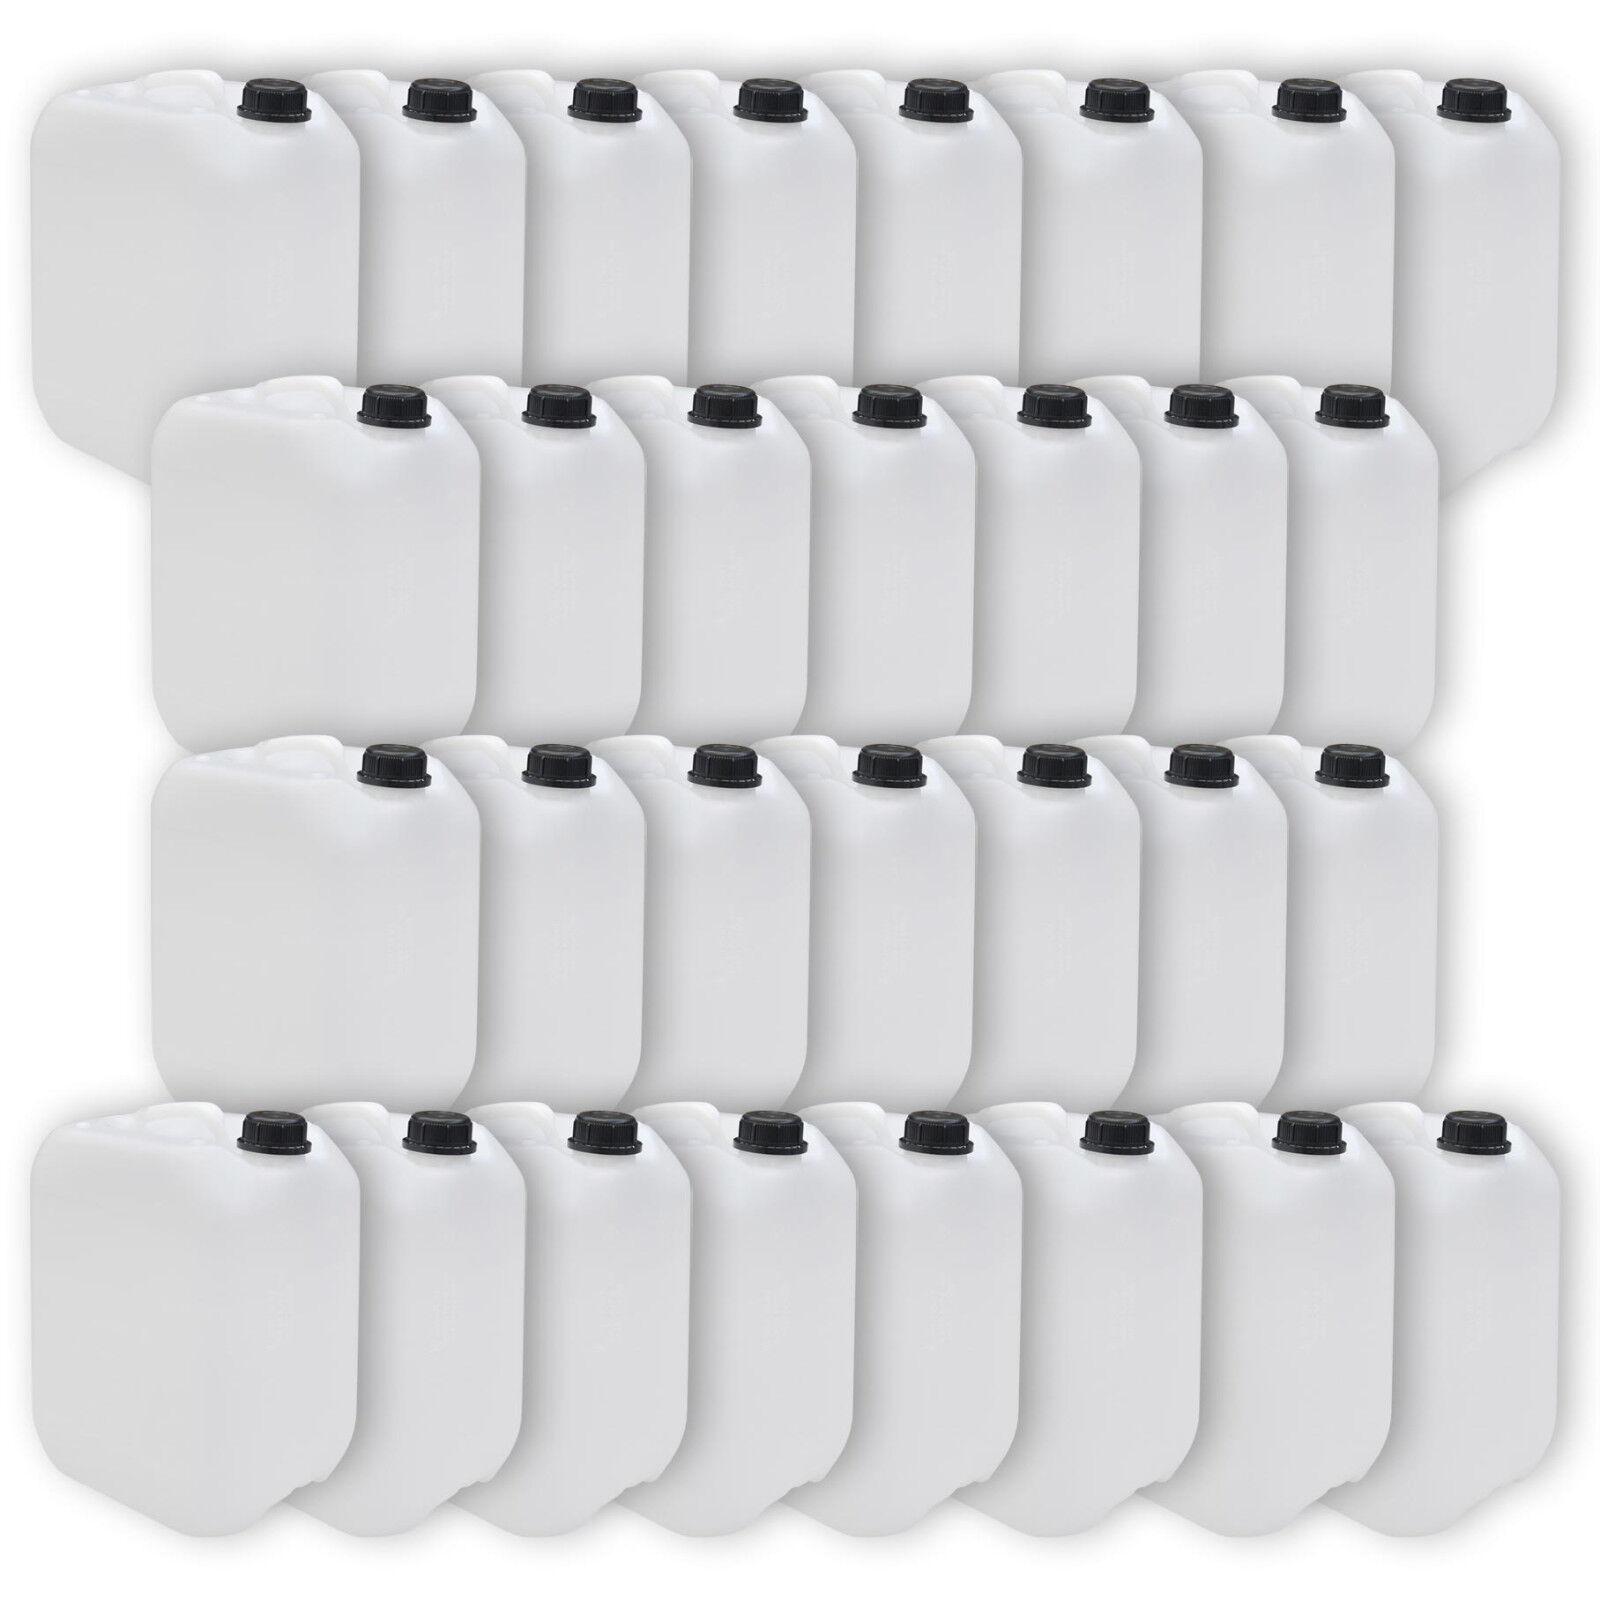 30er Pack Kanister 10 Liter DIN 45  Trinkwasserkanister  natur  lebensmittelecht